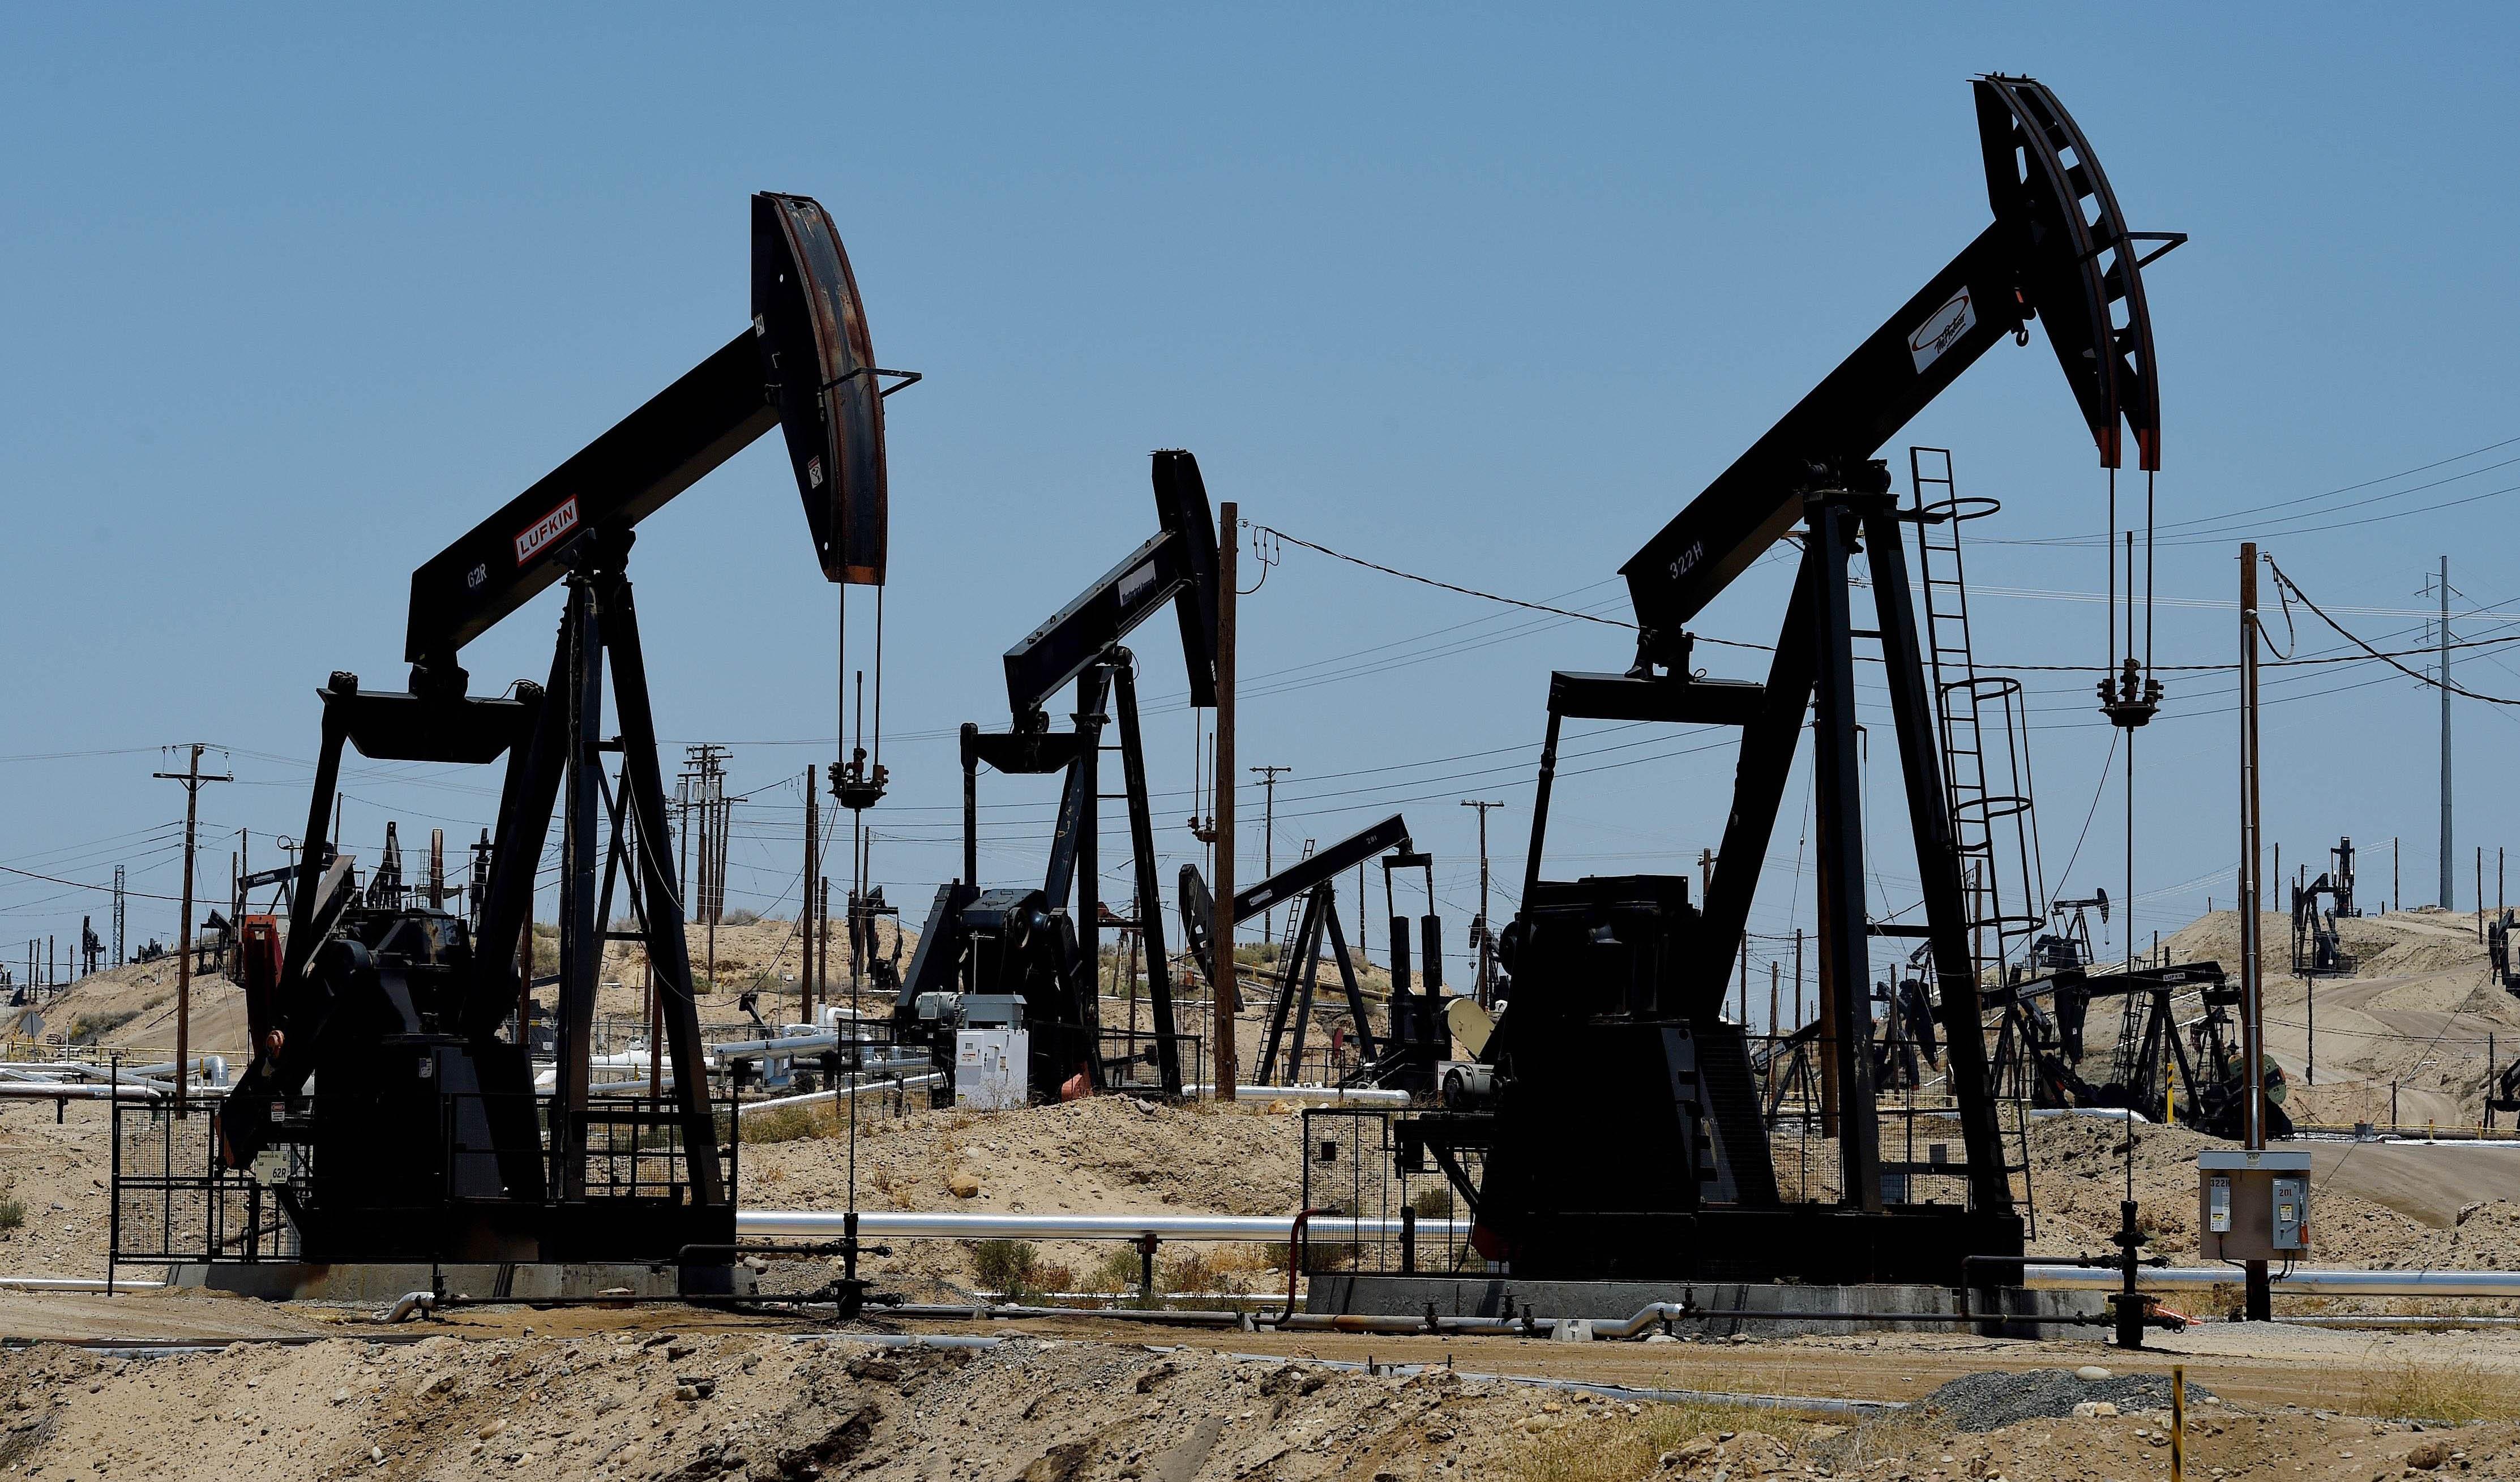 بریتیش پترولیوم: دوران افزایش سنگین تقاضای نفت در جهان به سر آمده است